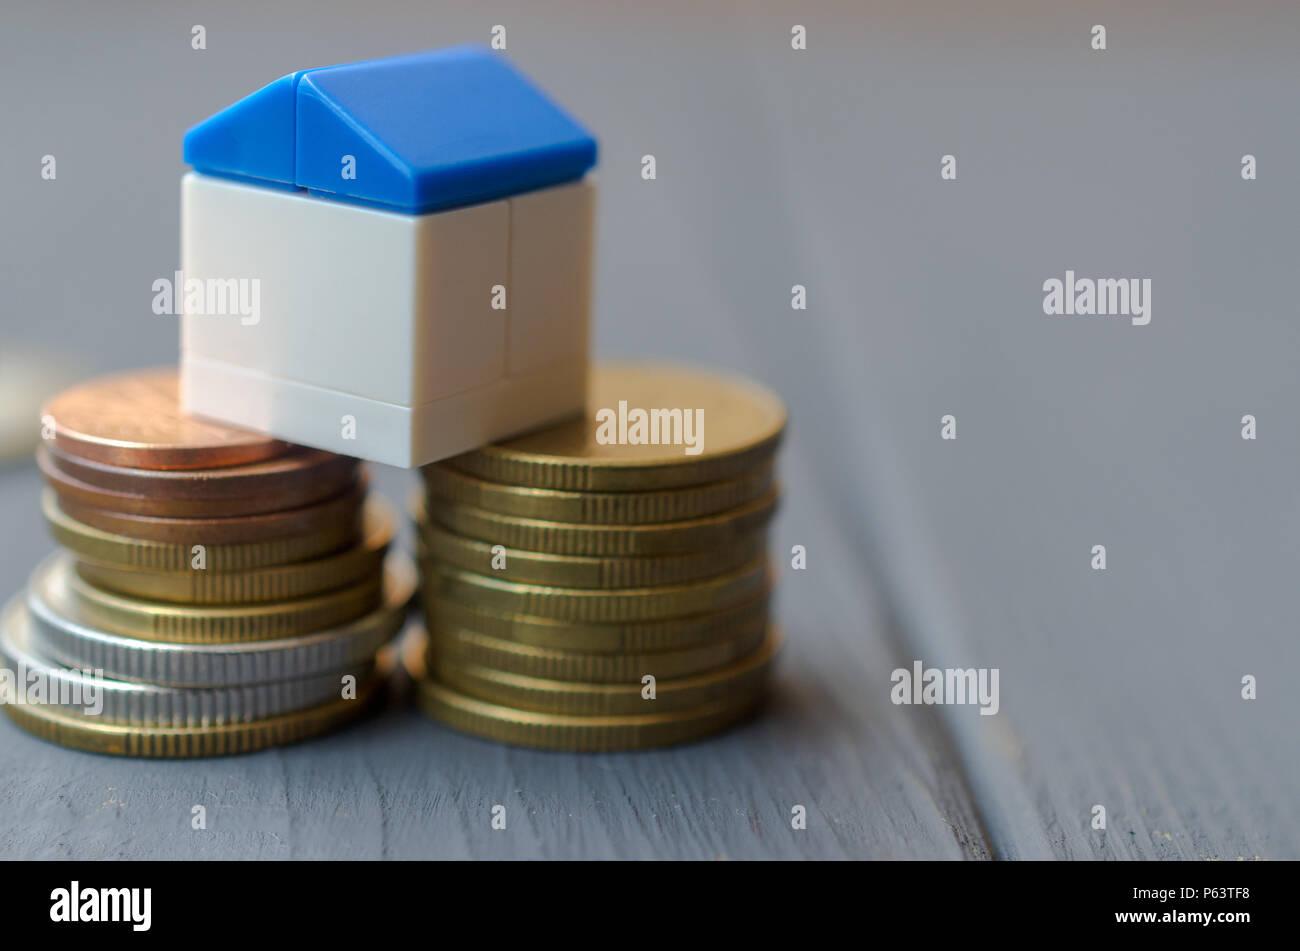 Le concept des prêts pour le logement. Maison blanche avec un toit bleu sur un tas de pièces de monnaie Banque D'Images